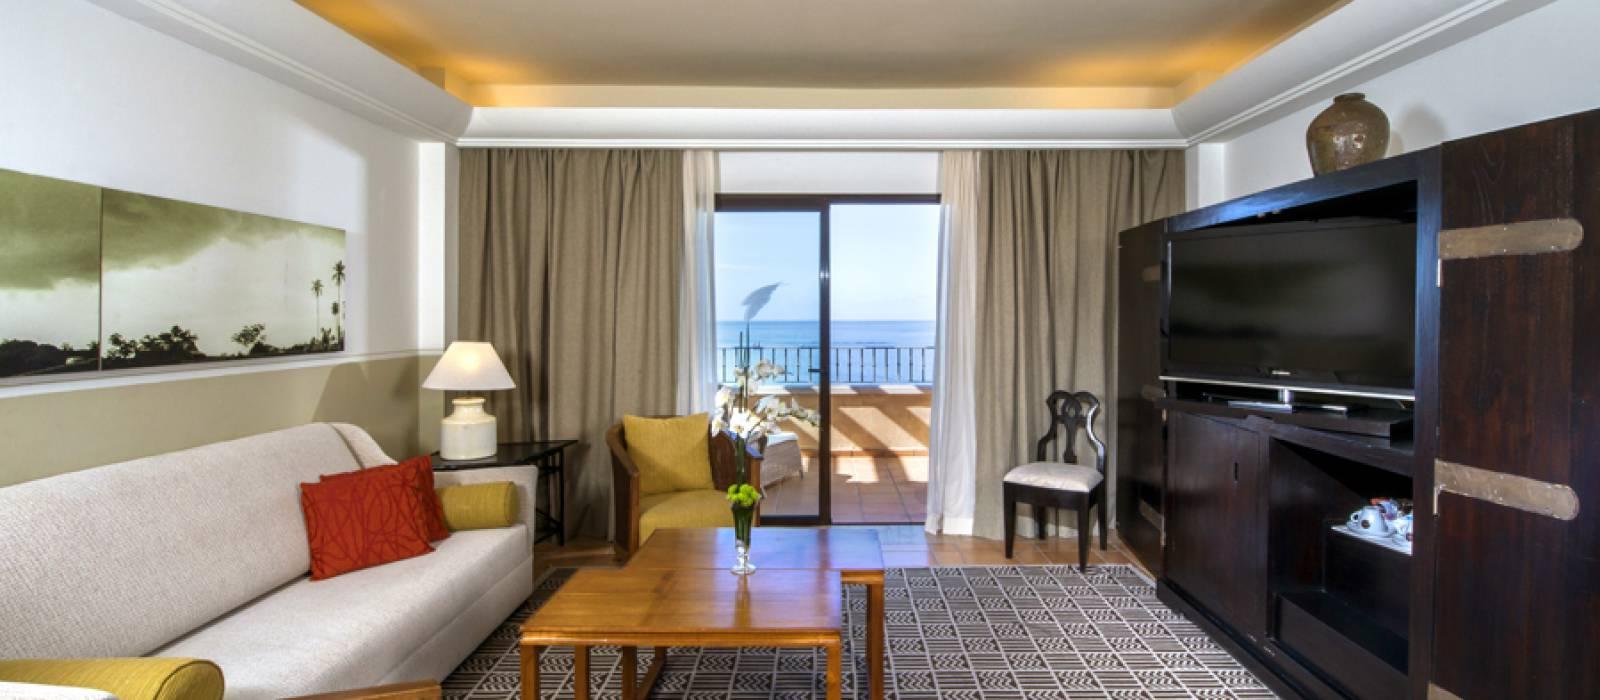 Rooms Hotel Tenerife La Plantación del Sur - Vincci Hotels - Junior Suites